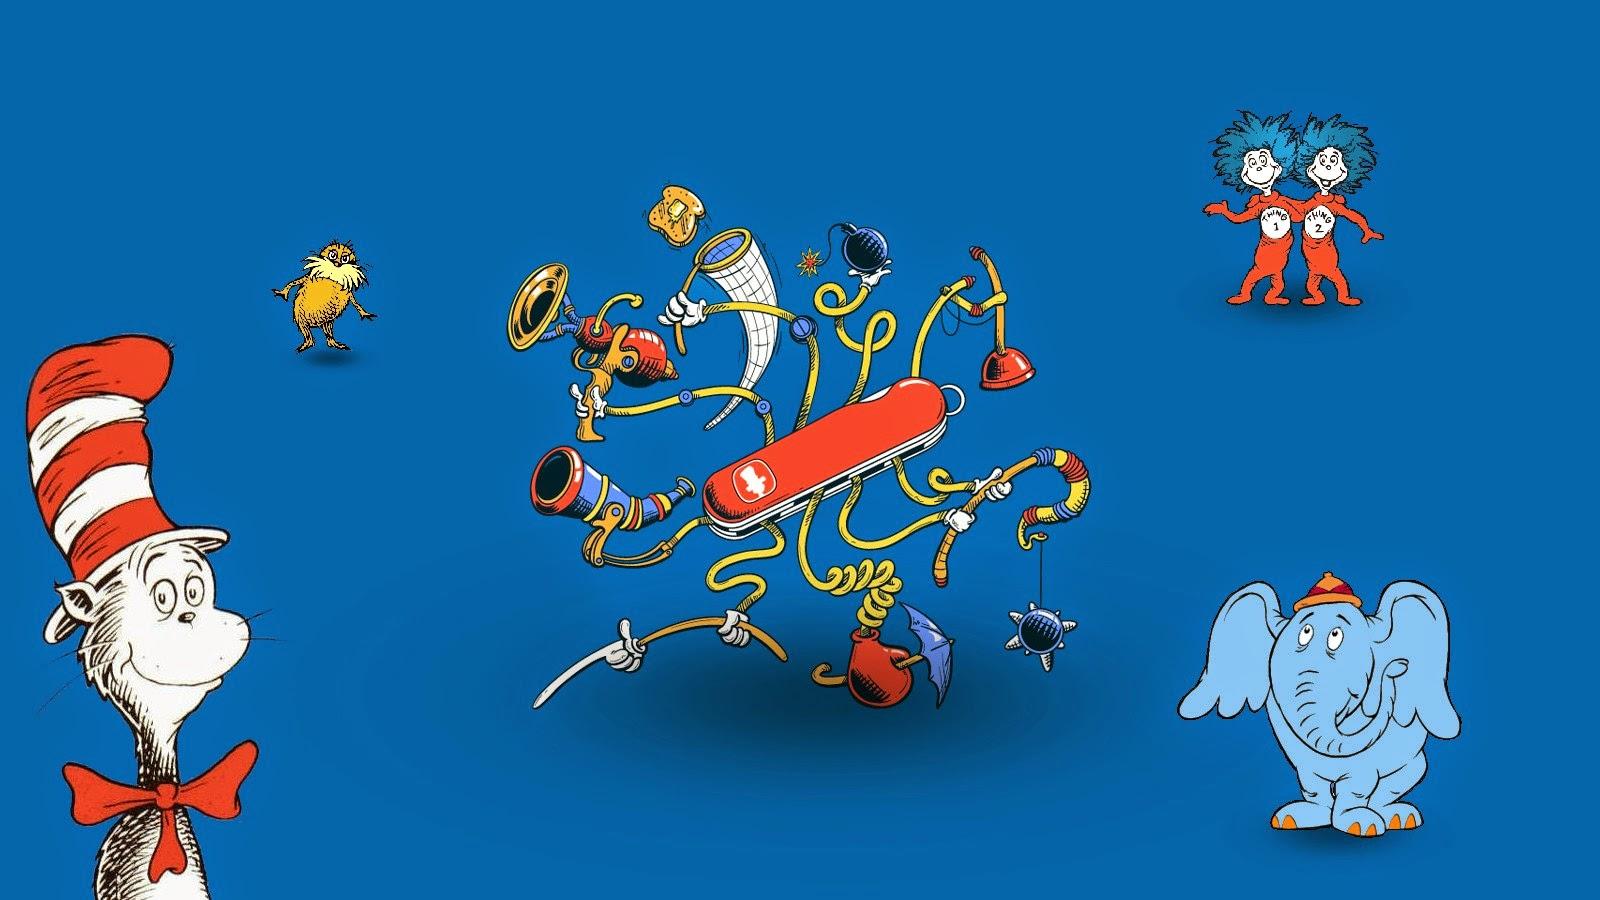 Dr Seuss Wallpaper